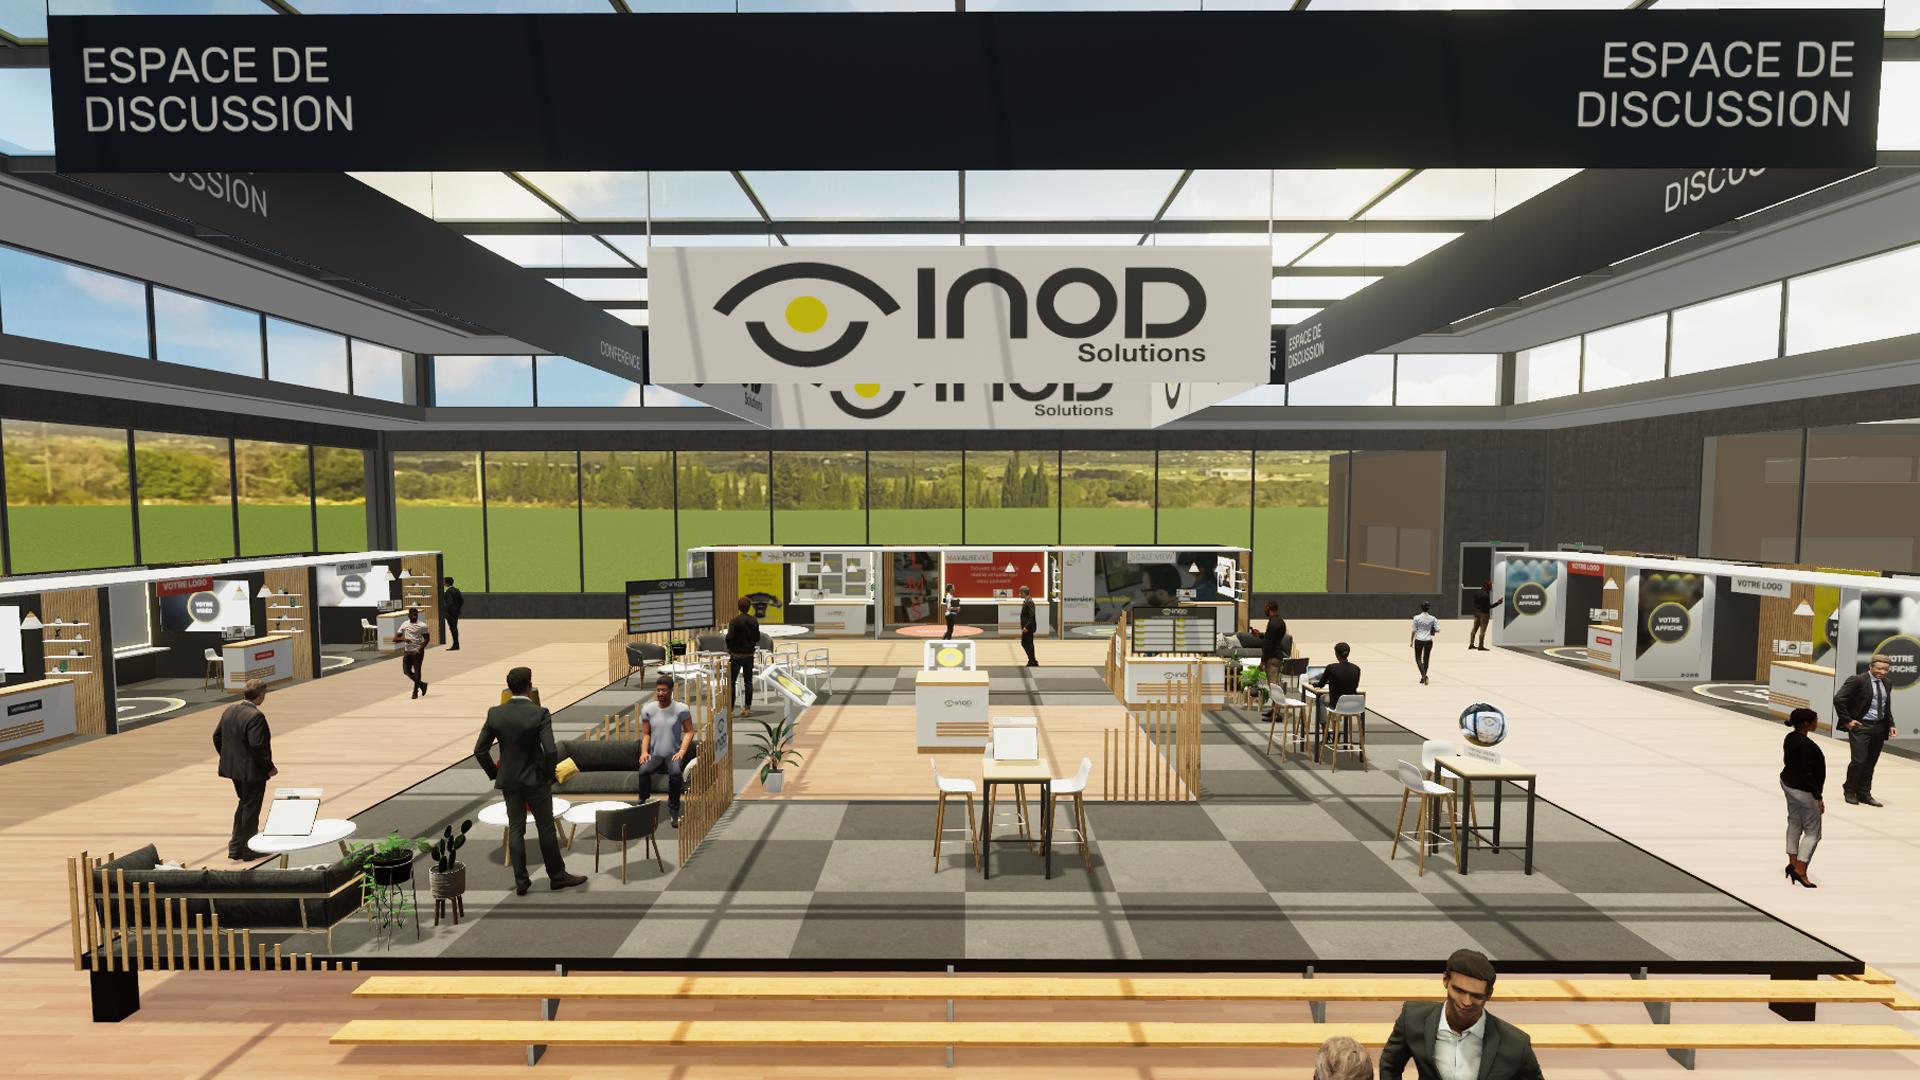 La solution de salon virtuel d'Inod pour les événements virtuels d'entreprise